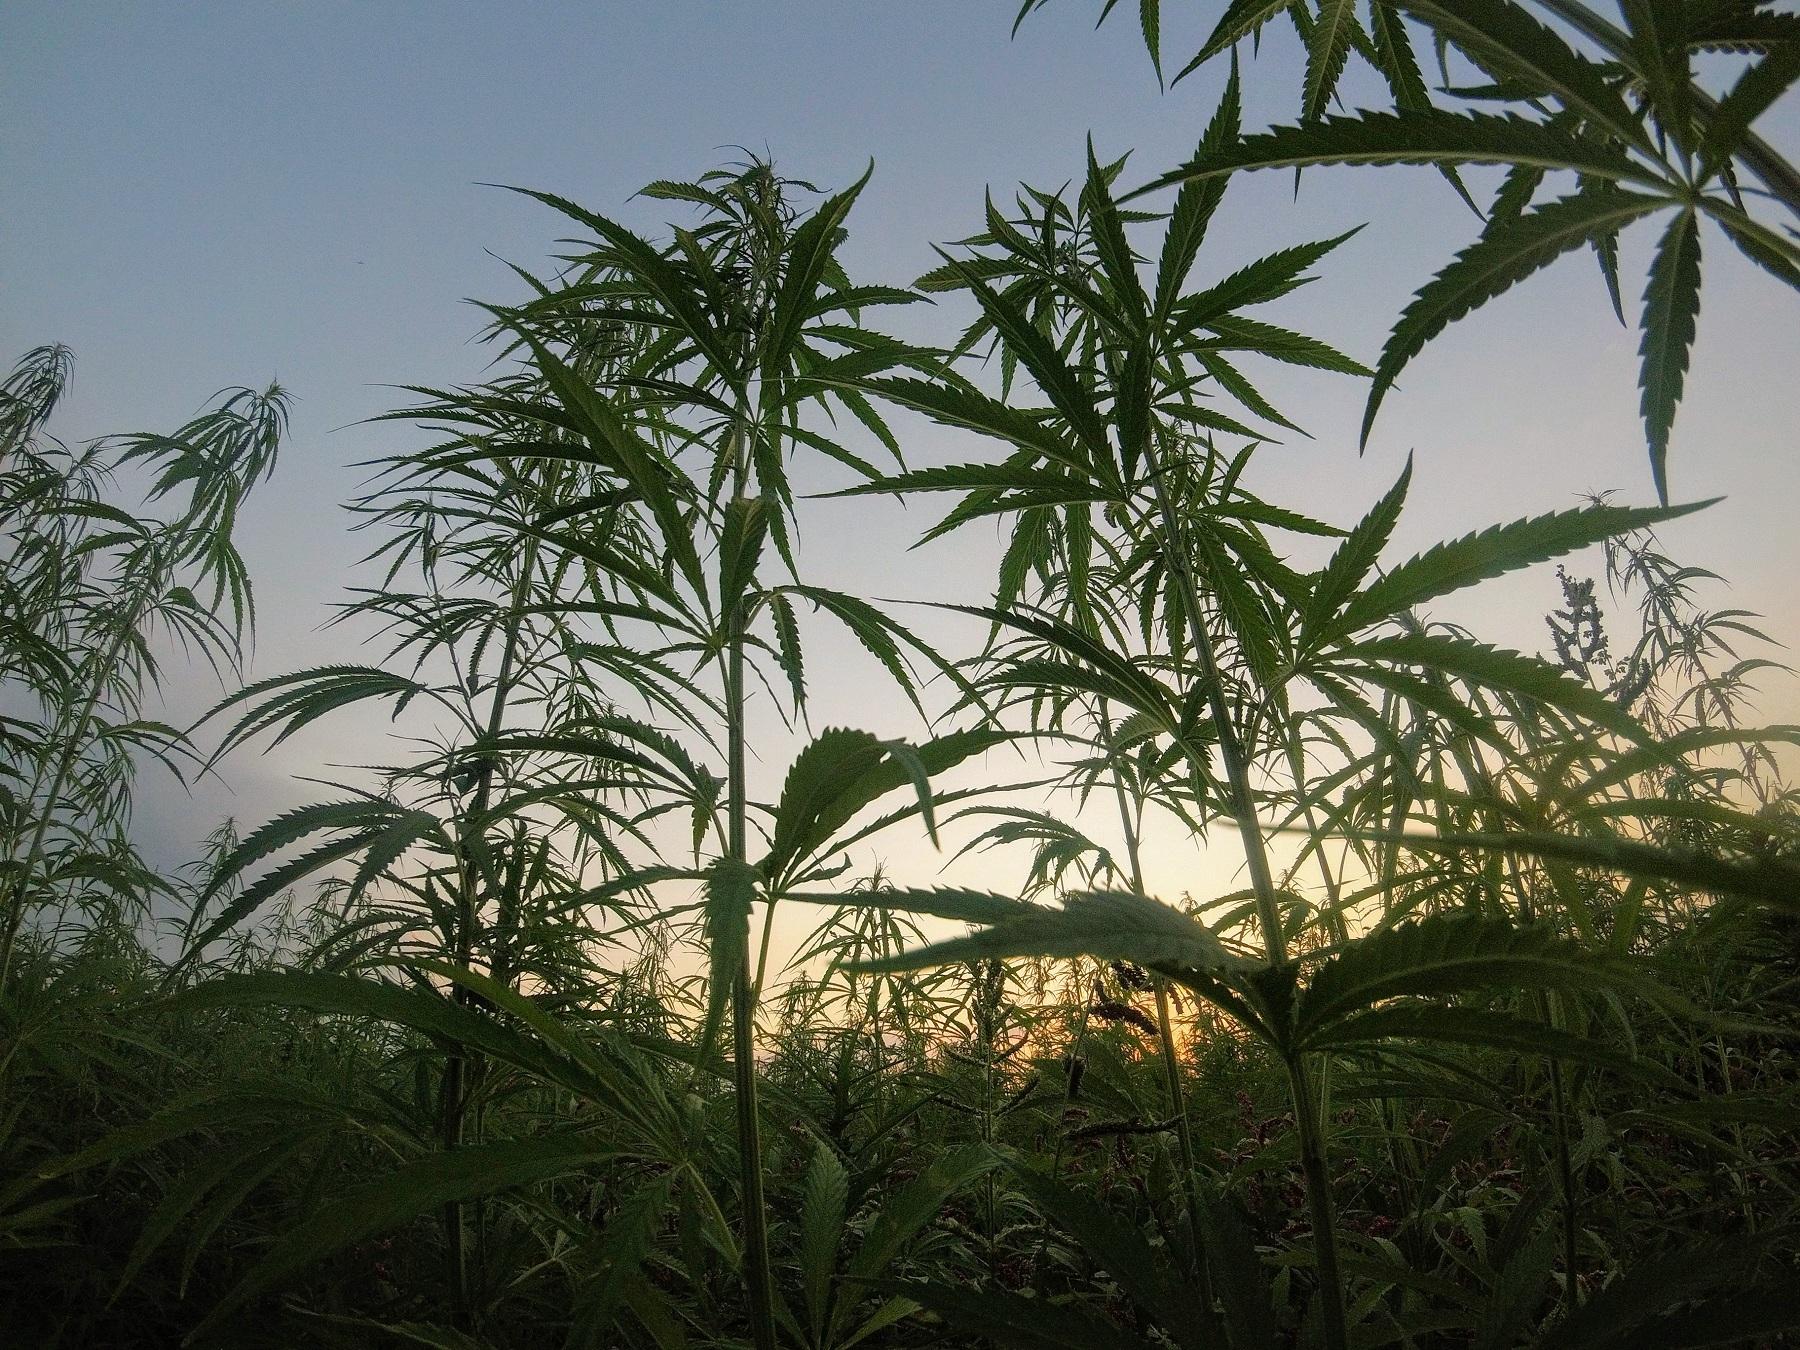 В Україні легально виготовлятимуть ліки з марихуани (оновлено: насправді ні)